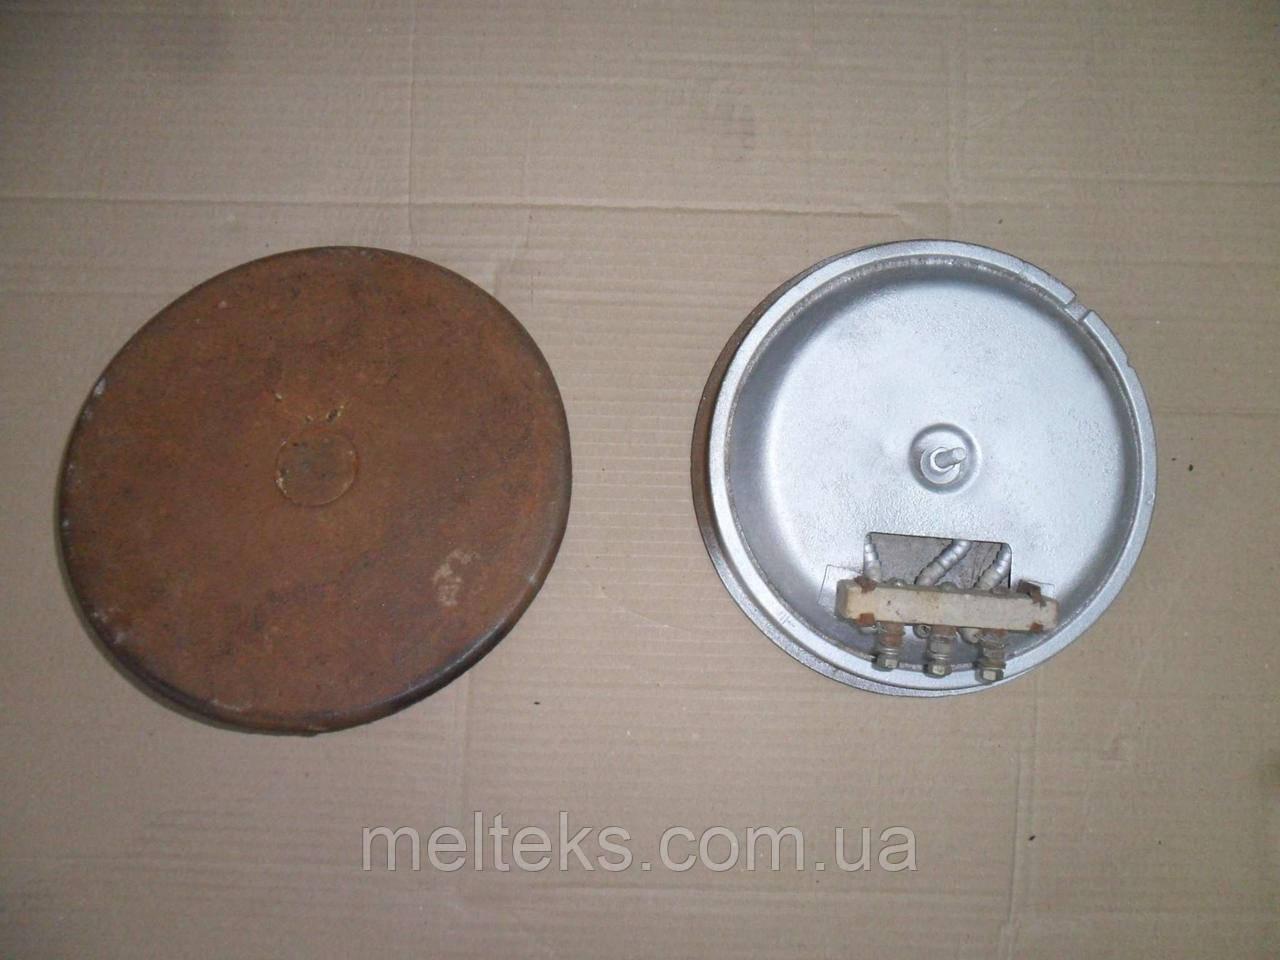 Конфорка круглая на старые мармиты и спирали к ней